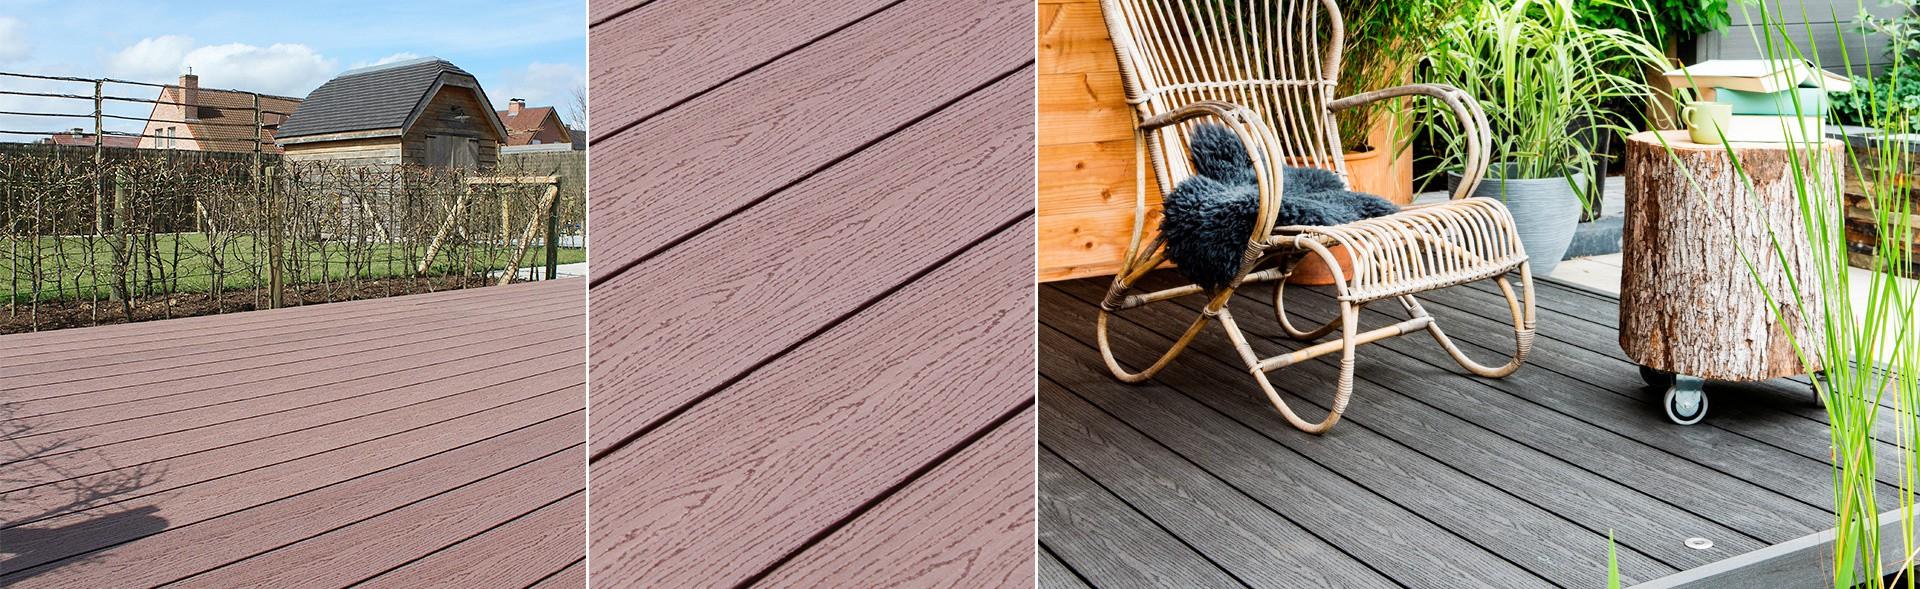 Terrasplanken van houtcomposiet - via Duofuse